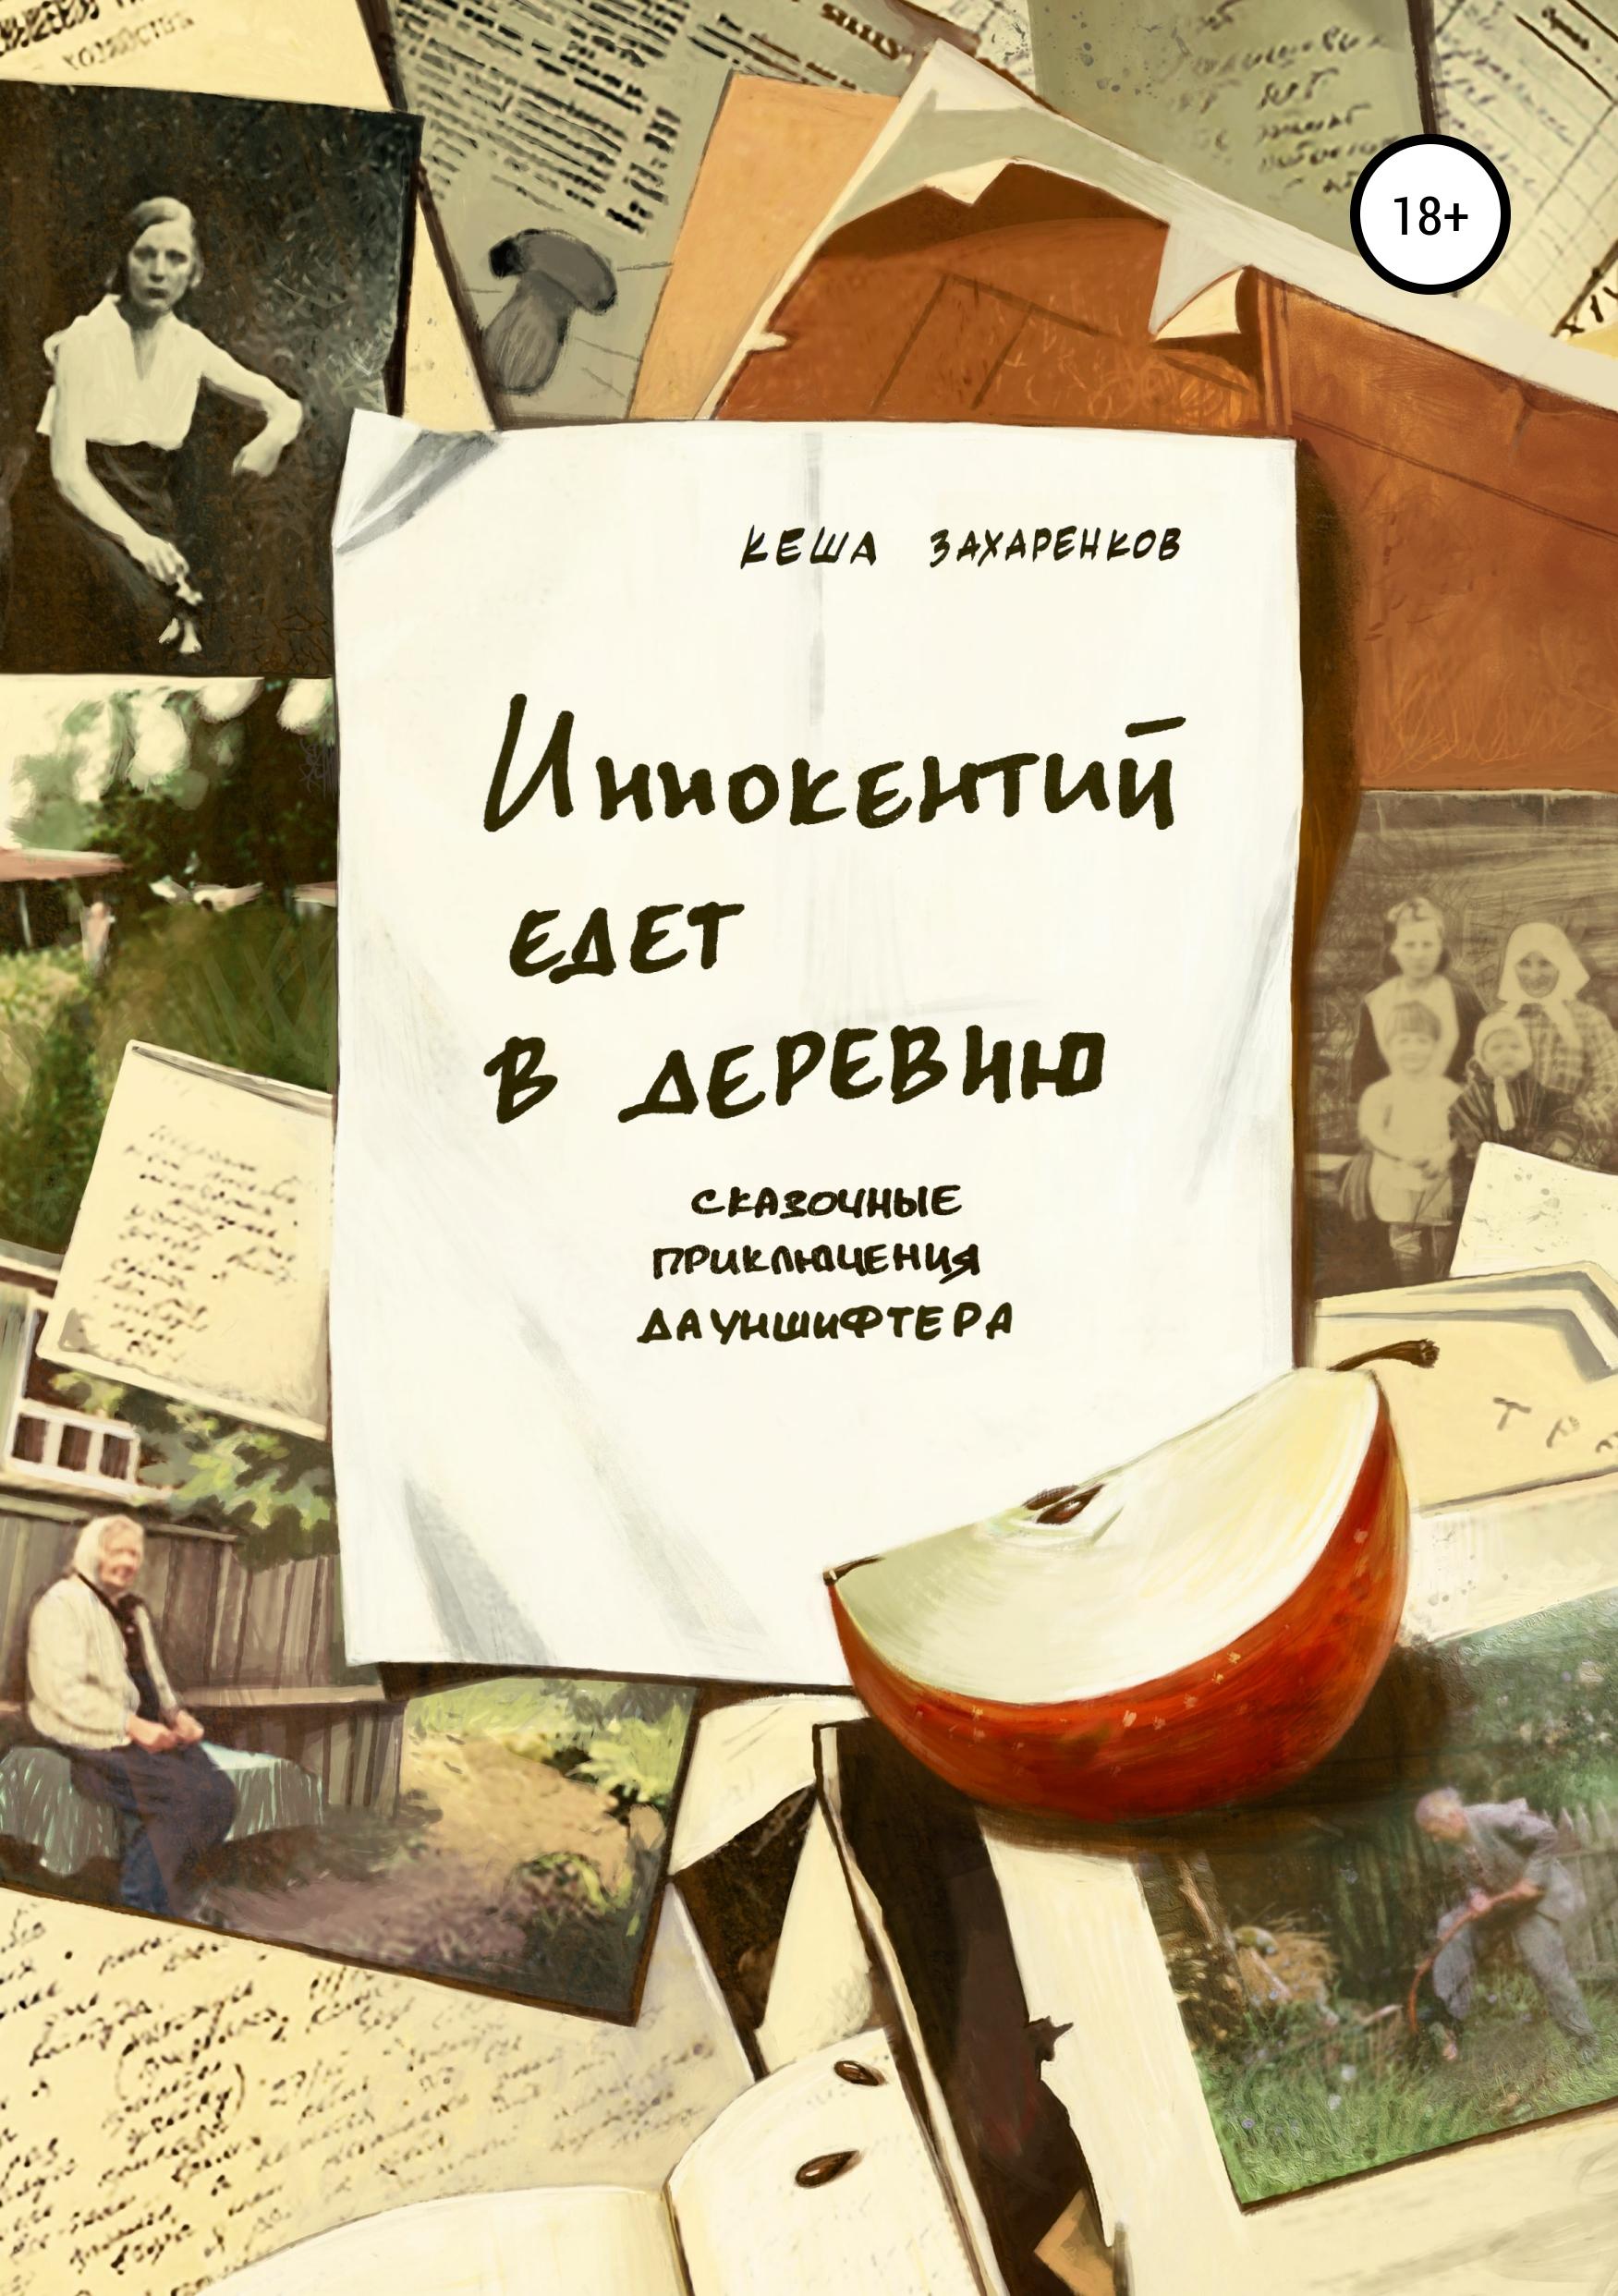 Кеша Захаренков Иннокентий едет в деревню захаренков в ред ароматы здоровья